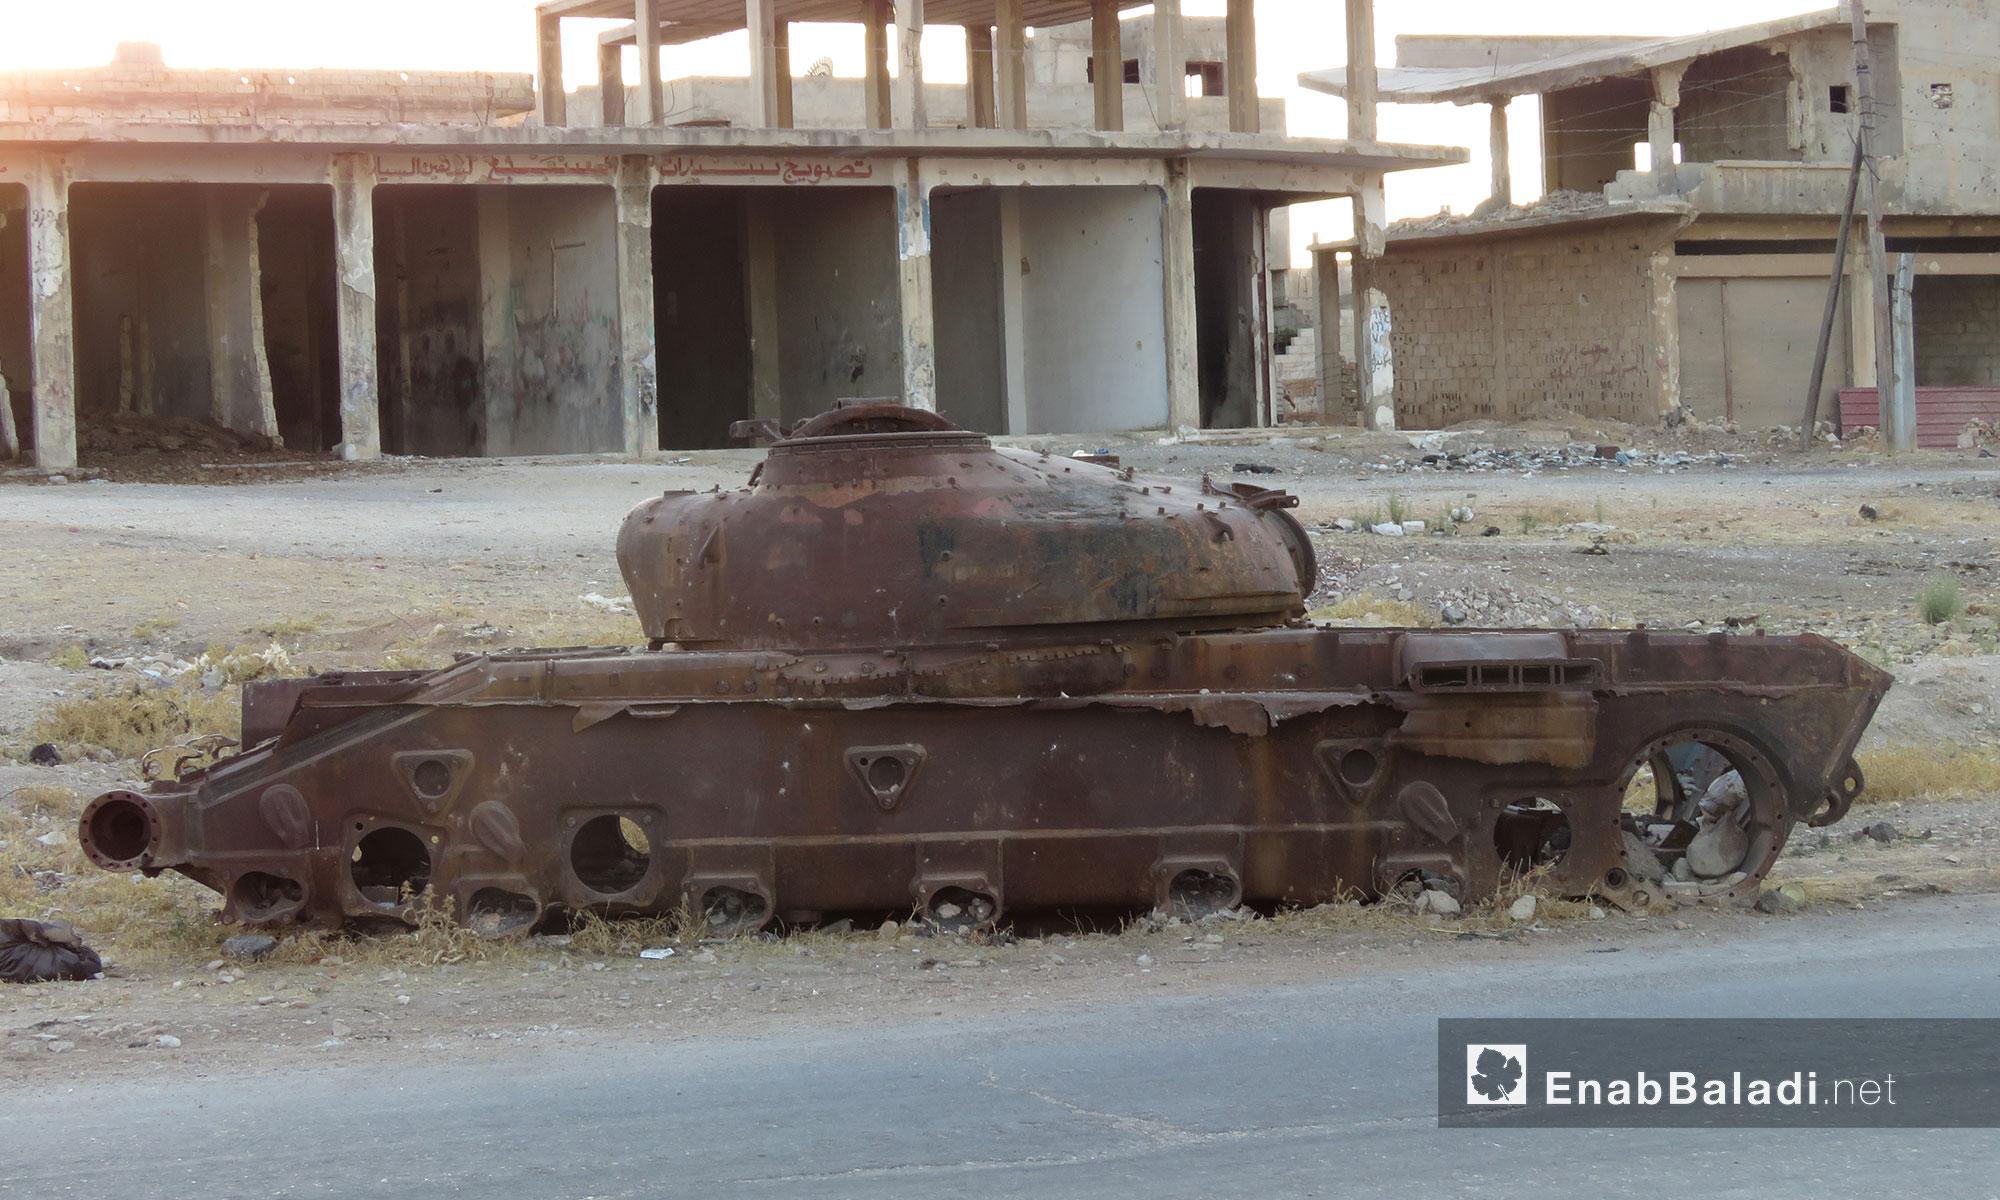 أحد دبابات النظام المدمرة على الطريق الدولي دمشق- حمص - 25 تموز 2017 (عنب بلدي)